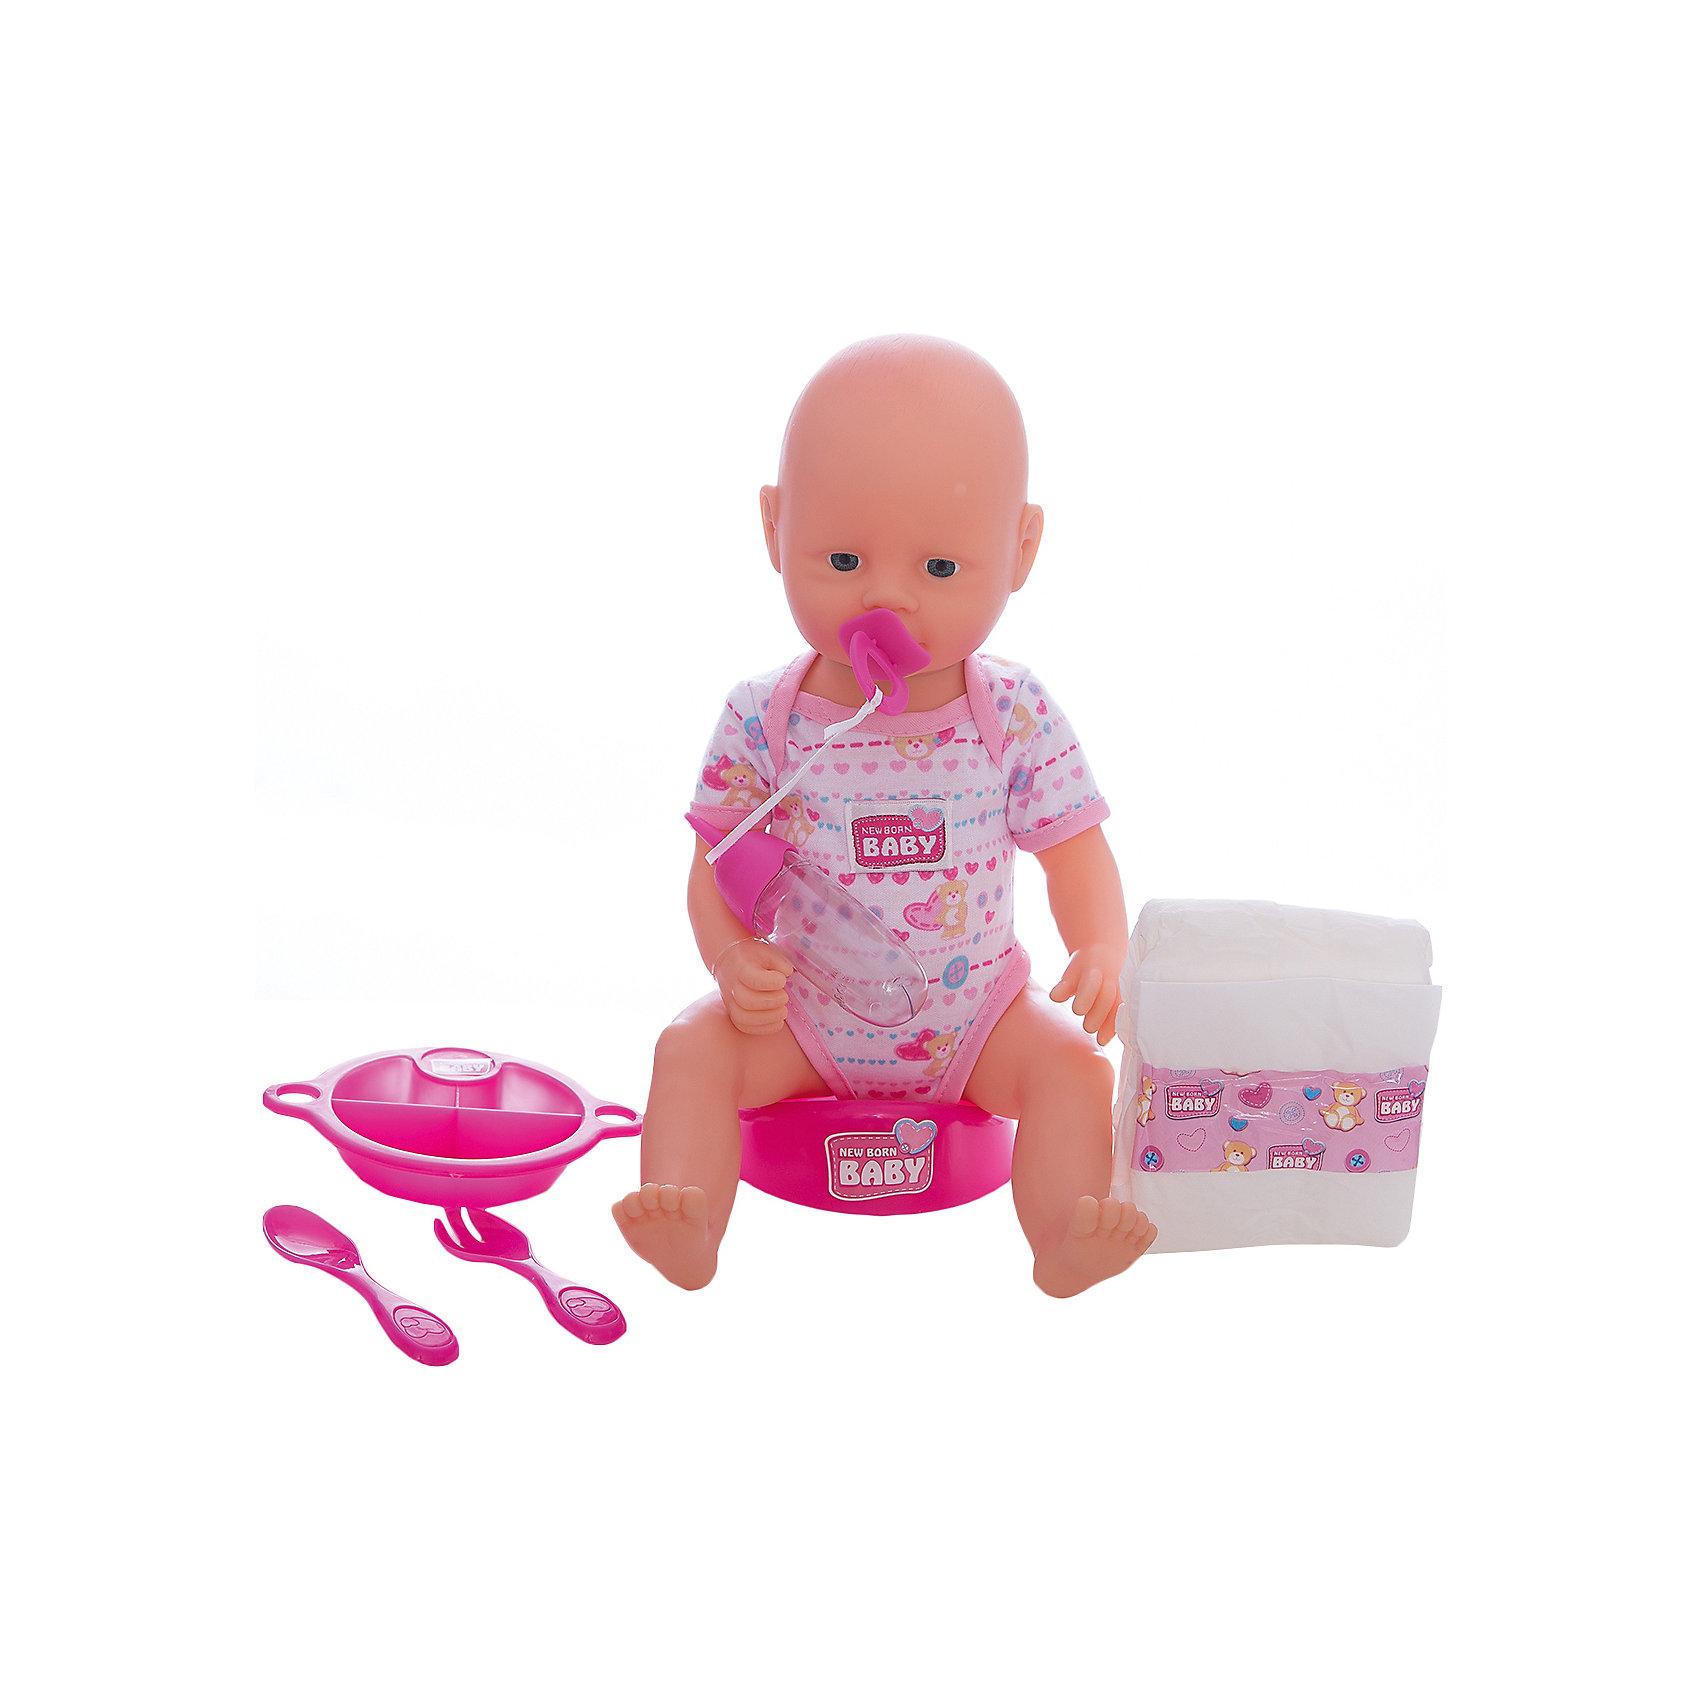 Пупс (пьет и писает), 38 см, SimbaХарактеристики:<br><br>• высота куклы: 38 см;<br>• особенности: пупс пьет и писает;<br>• голова пупса поворачивается, ручки и ножки сгибаются в суставах, кукла лежит или сидит;<br>• аксессуары: горшок, подгузник, пустышка, бутылочка, тарелочка с порционными отделениями, ложечка;<br>• материал: винил, пластик, текстиль;<br>• размер упаковки: 33,5х14,5х38 см.<br><br>Ваша девочка сможет позаботиться о пупсике, накормить его, уложить спатки. А когда настанет время, необходимо усадить куклу на горшок. Бутылочка для кормления наполняется водой, малыш пьет, затем ходит на горшок или в «наполняет» памперс. В процессе игры развивается фантазия, воображение, девочка обыгрывает различные сюжетно-ролевые ситуации. <br><br>Пупс (пьет и писает), 38 см, Simba можно купить в нашем магазине.<br><br>Ширина мм: 140<br>Глубина мм: 270<br>Высота мм: 390<br>Вес г: 1100<br>Возраст от месяцев: 36<br>Возраст до месяцев: 120<br>Пол: Женский<br>Возраст: Детский<br>SKU: 5258954